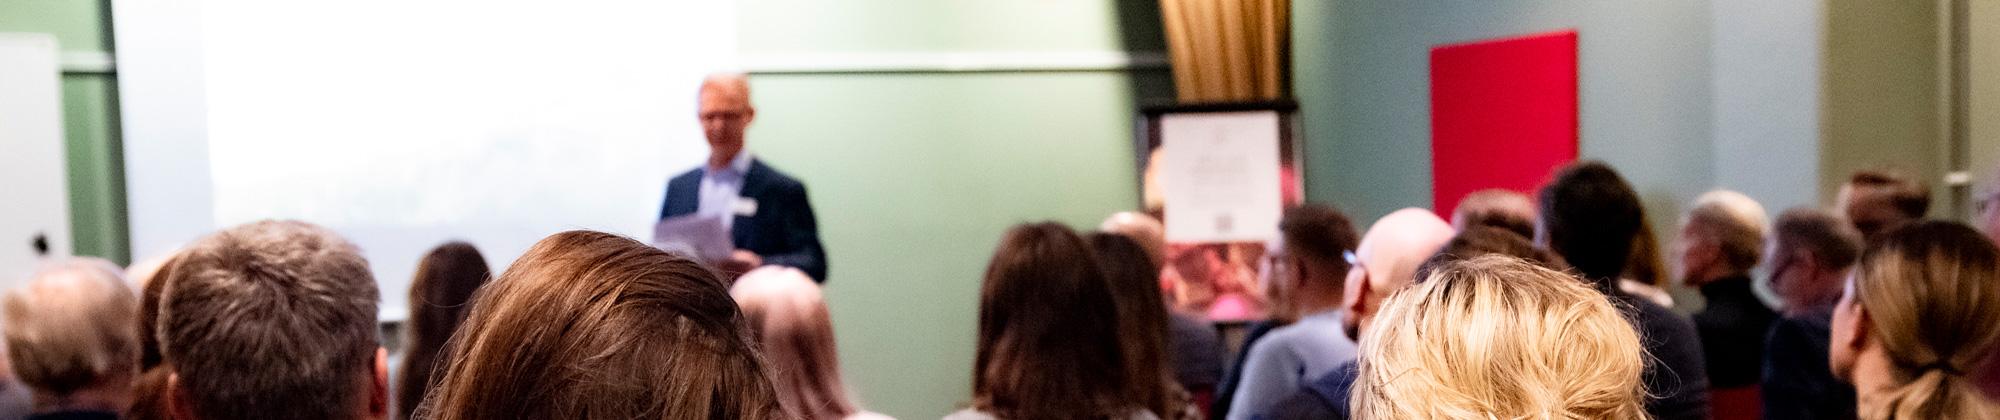 Lars introducerar talare för event januari 2020